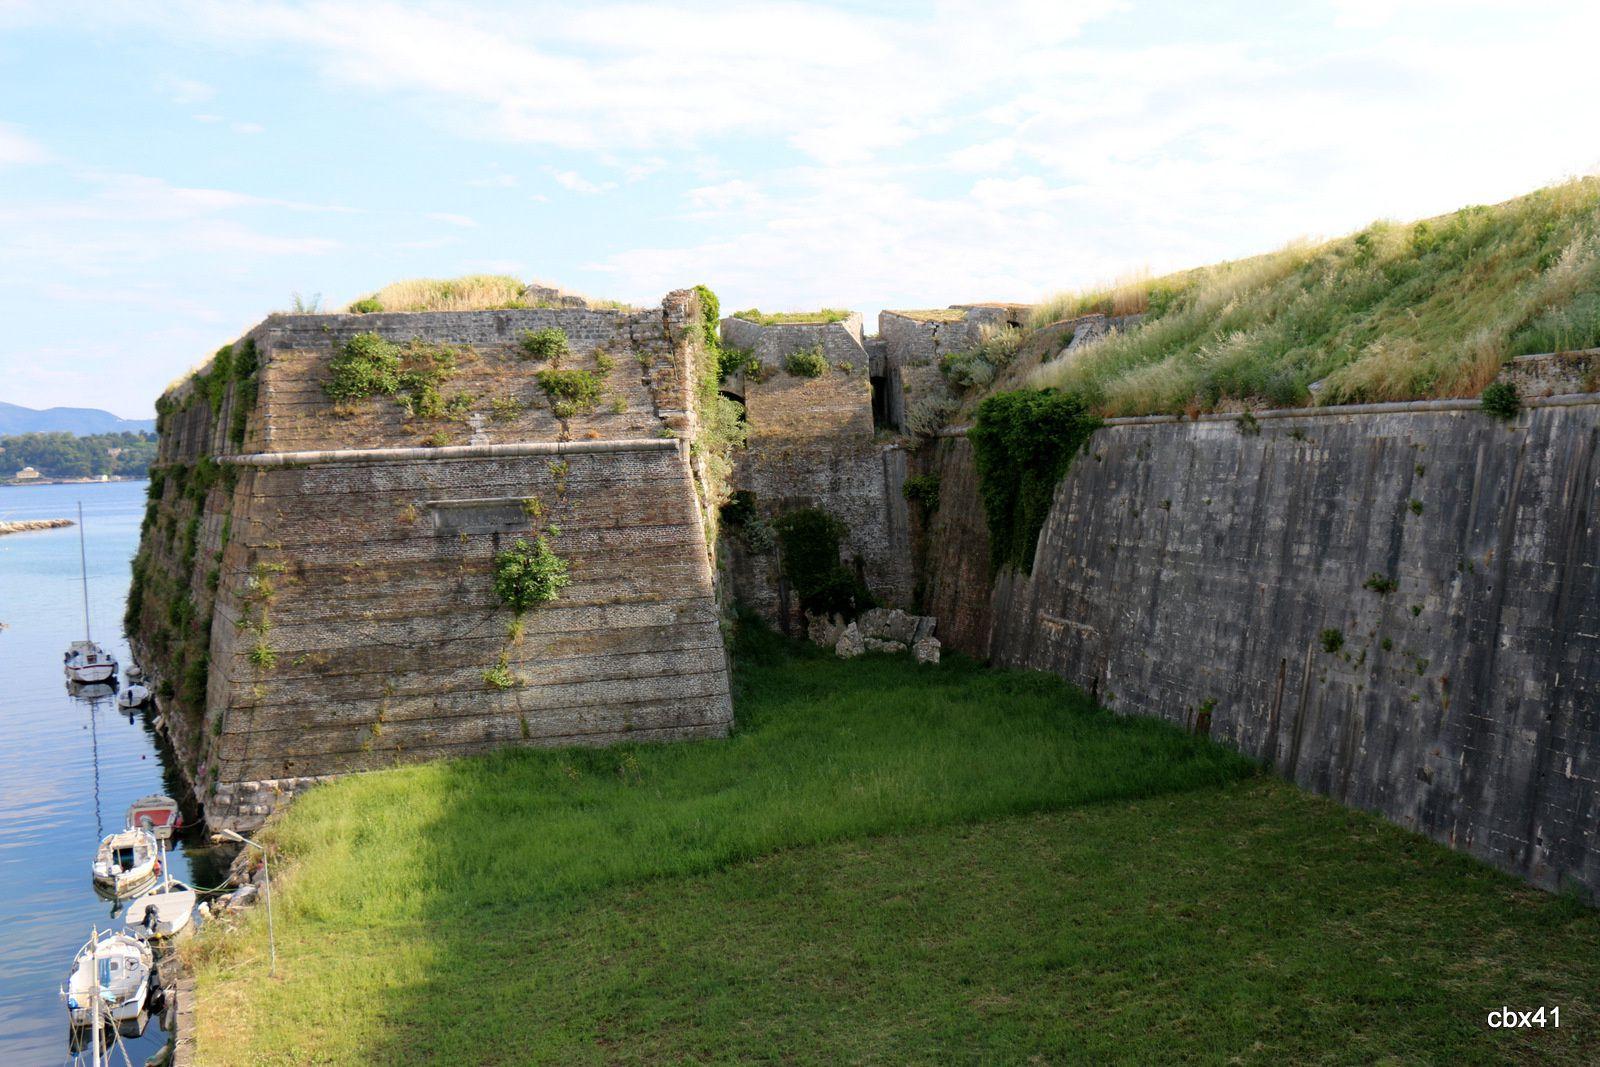 La vieille forteresse de Corfou, les remparts et l'entrée